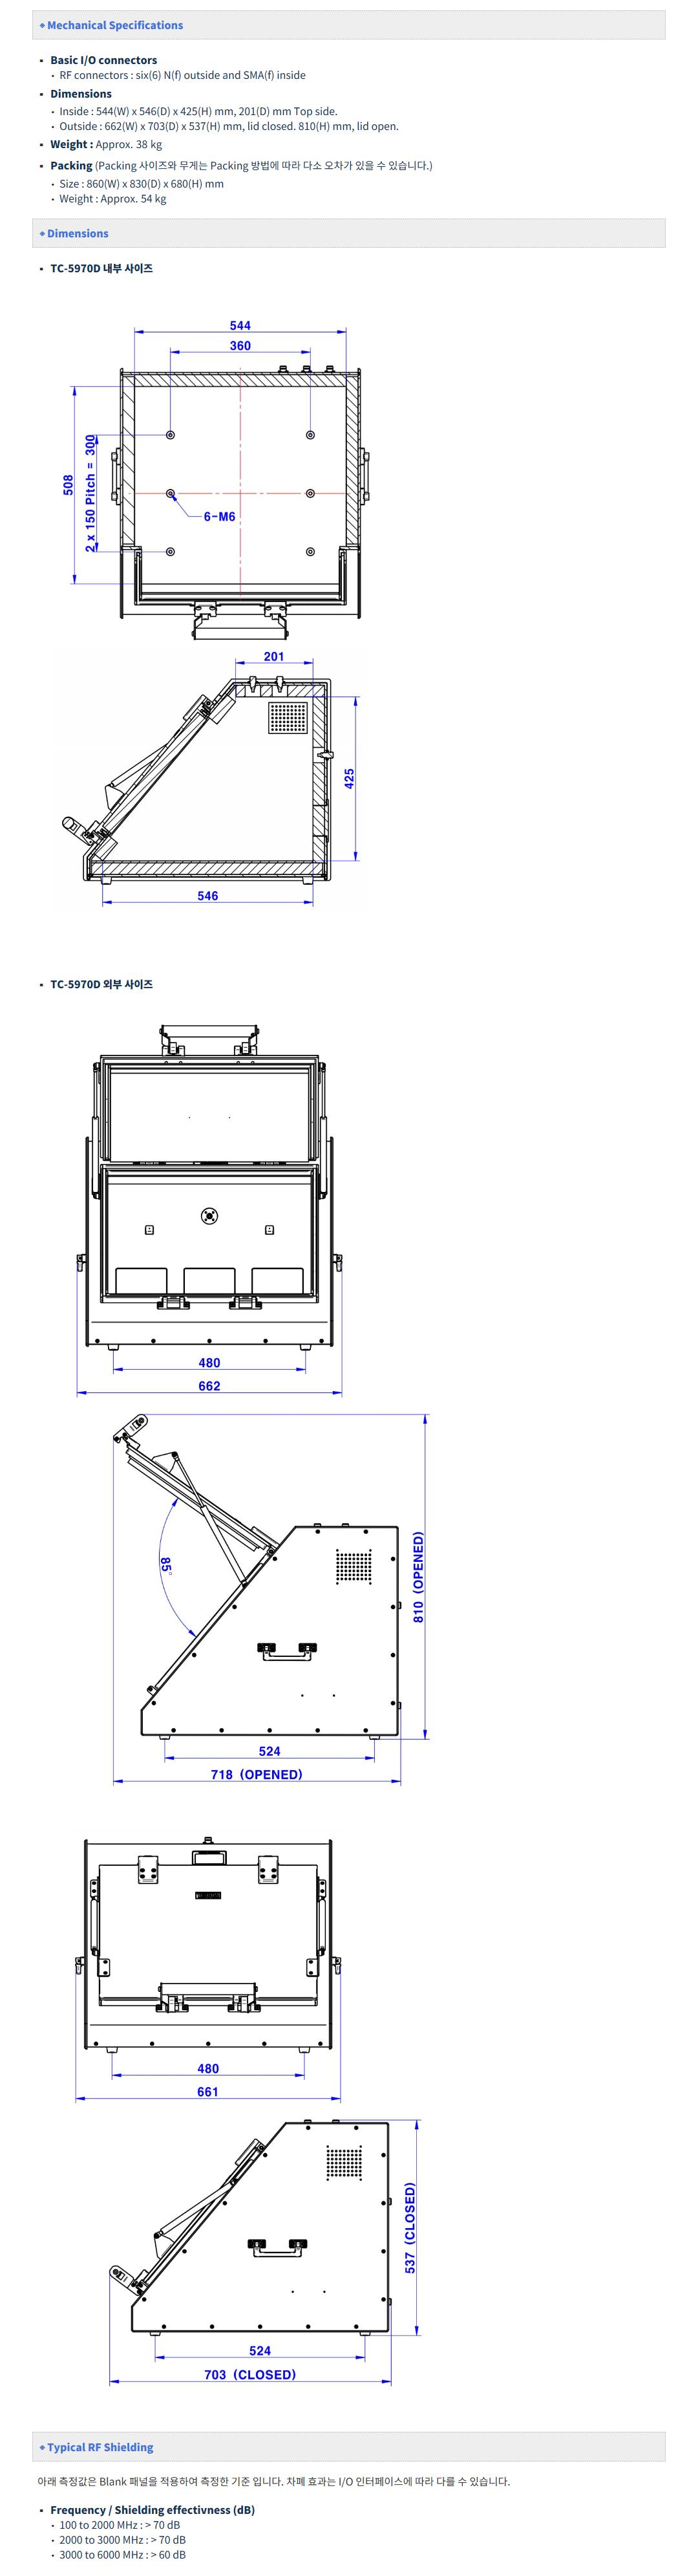 (주)테스콤 Manual Operation TC-5970D 4